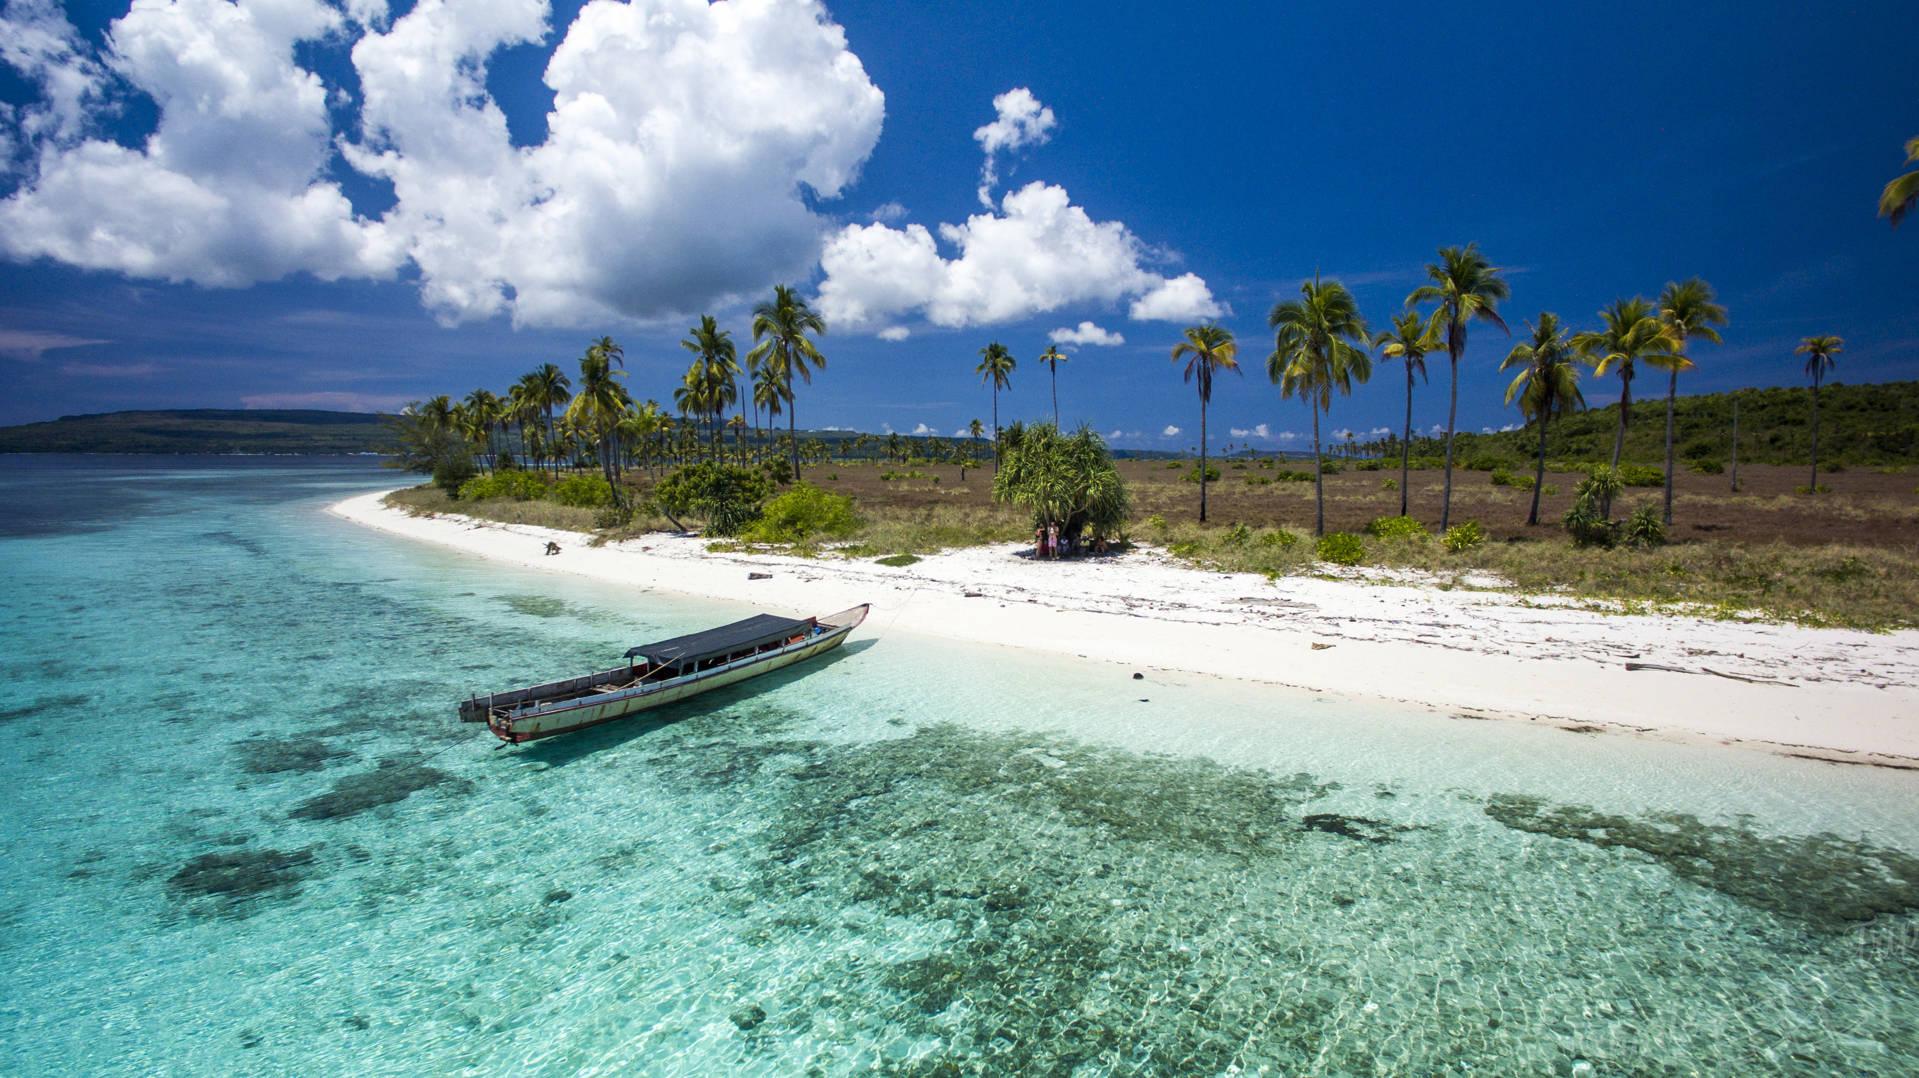 bau-bau, bau-bau indoneisa, bau-bau sulawesi, sulawesi indonesia, buton island sulawesi, buton indonesia, out of beaten path indonesia